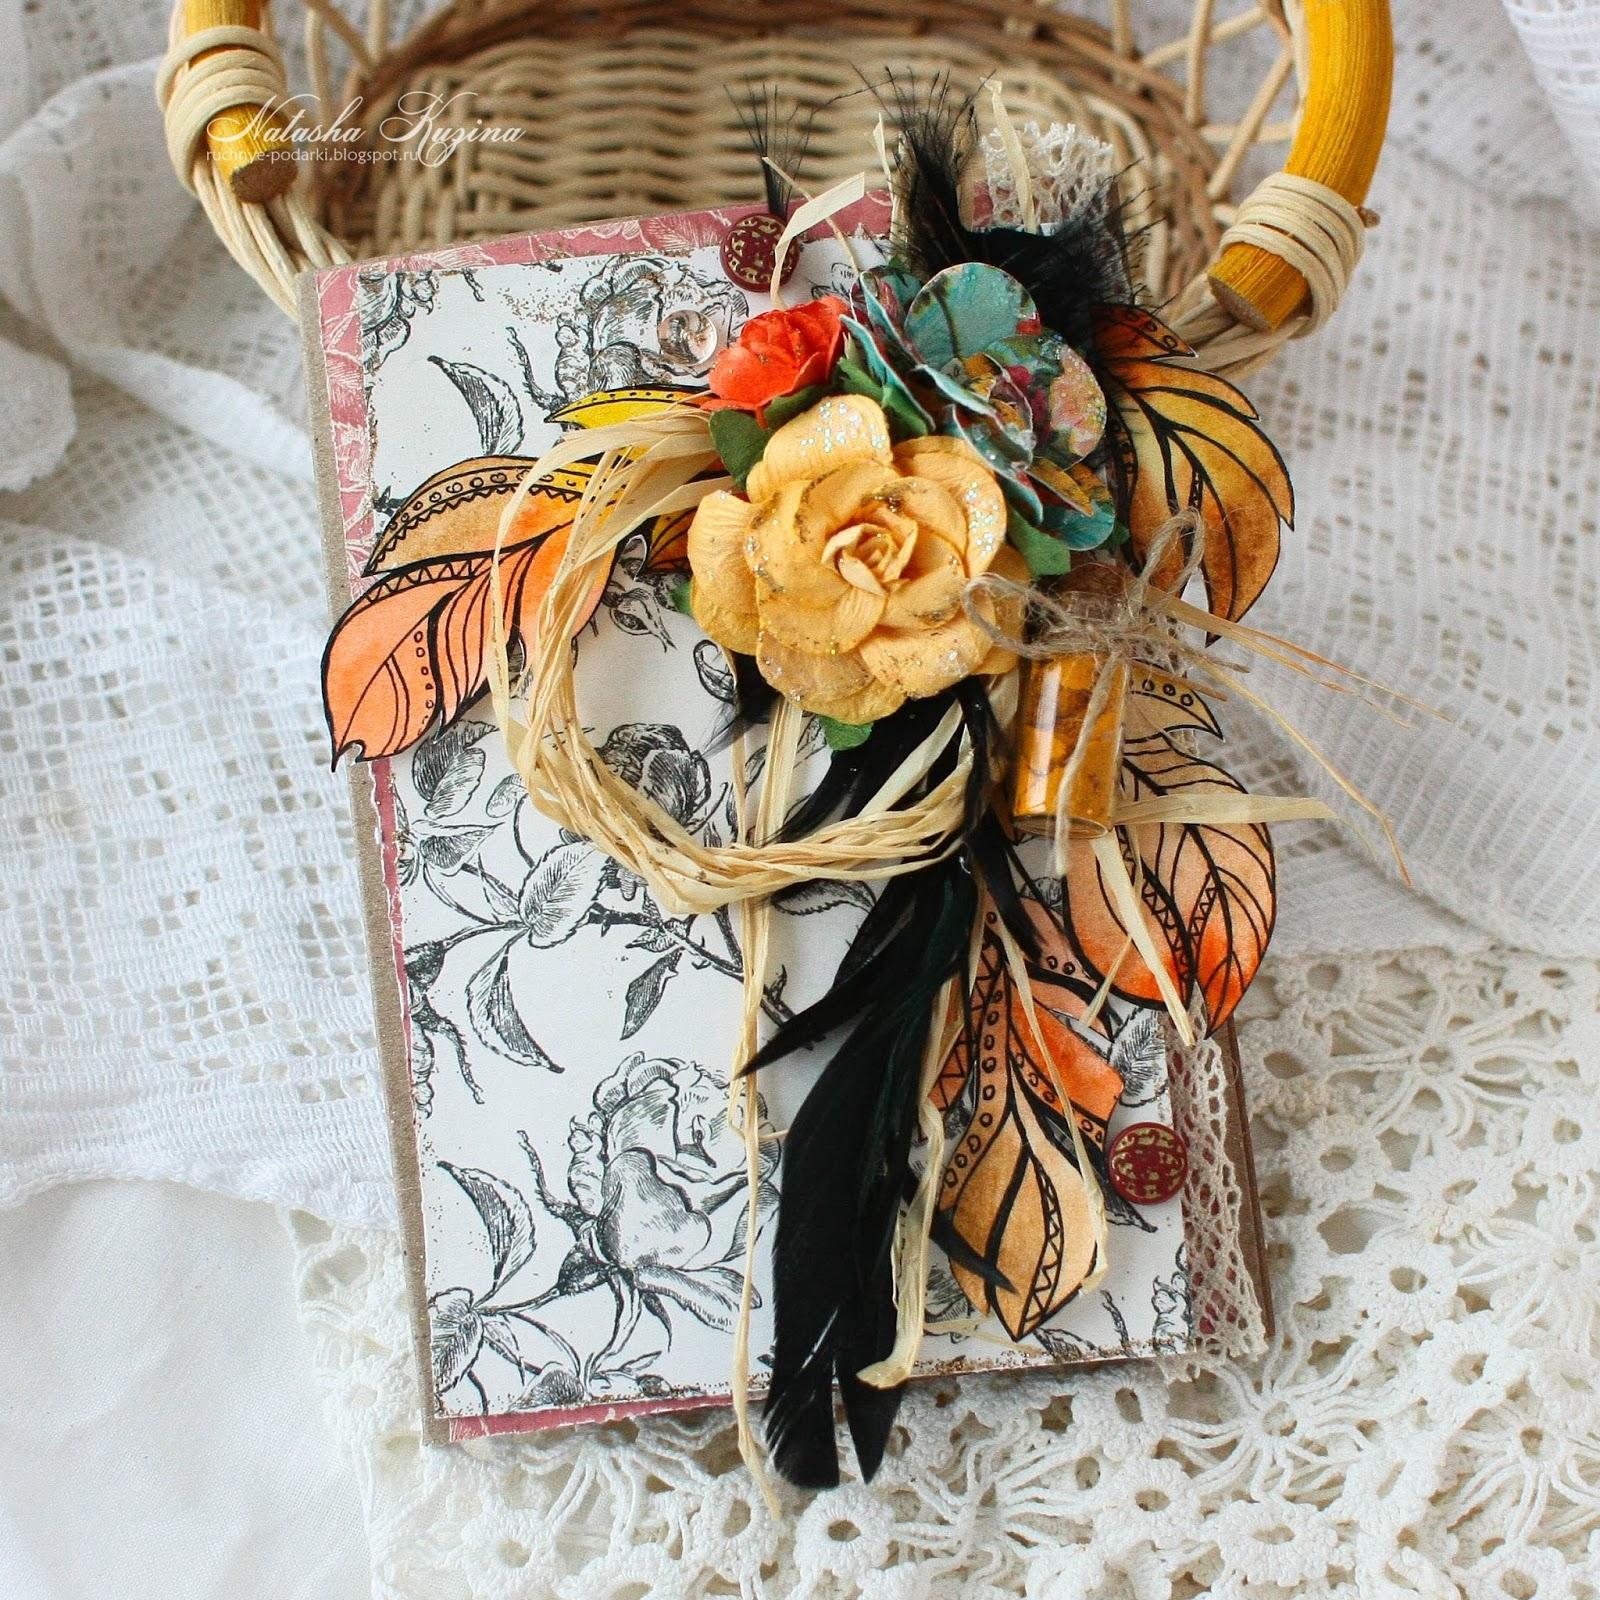 Наташа Кузина,скрапбукинг,открытка, открытка ручной работы, этно, бохо, перья, прима, акварель